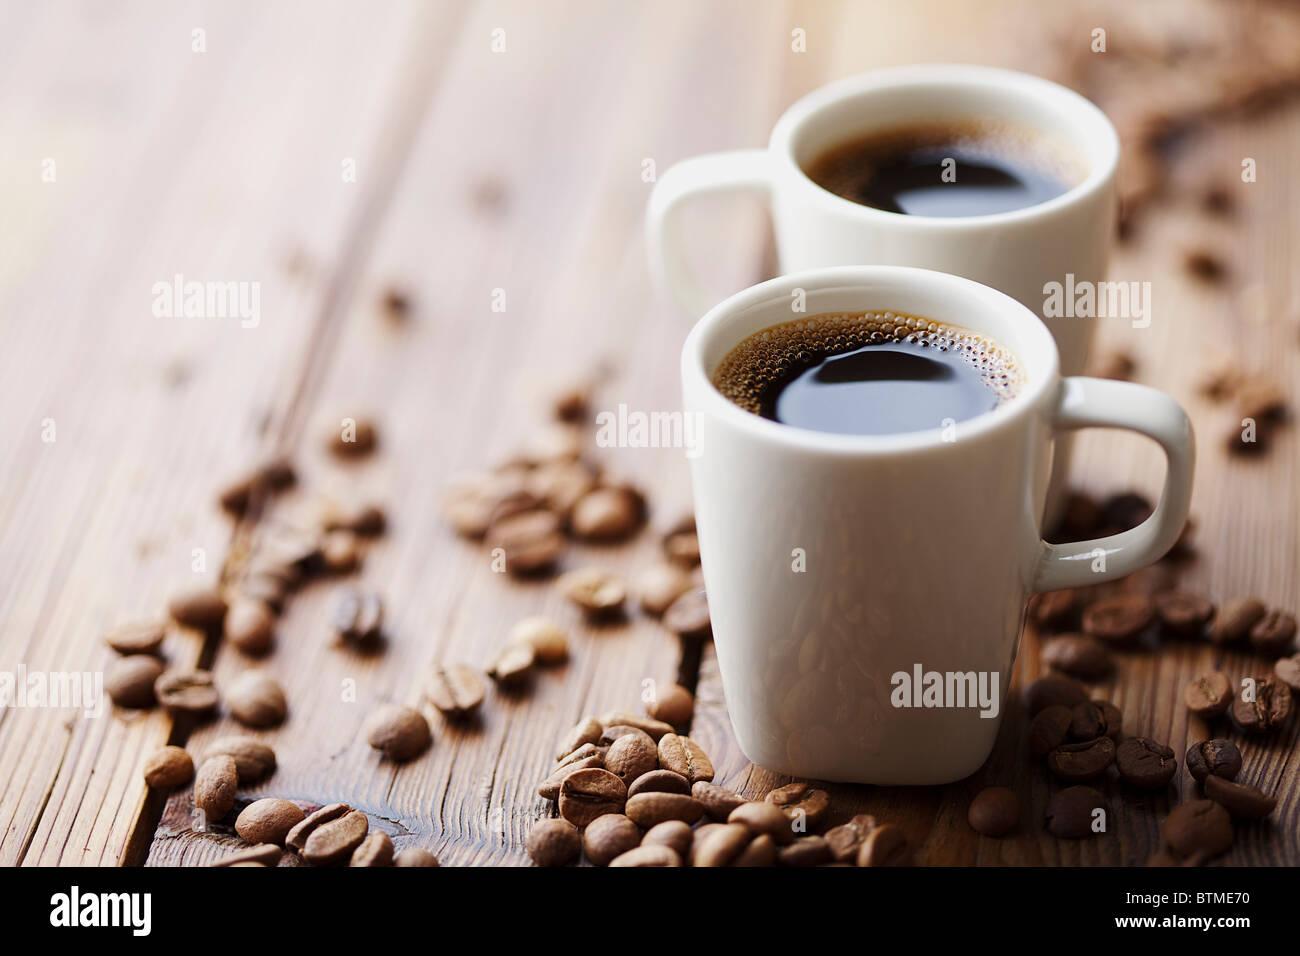 zwei moderne Espresso-Tassen auf einem Holztisch Stockbild